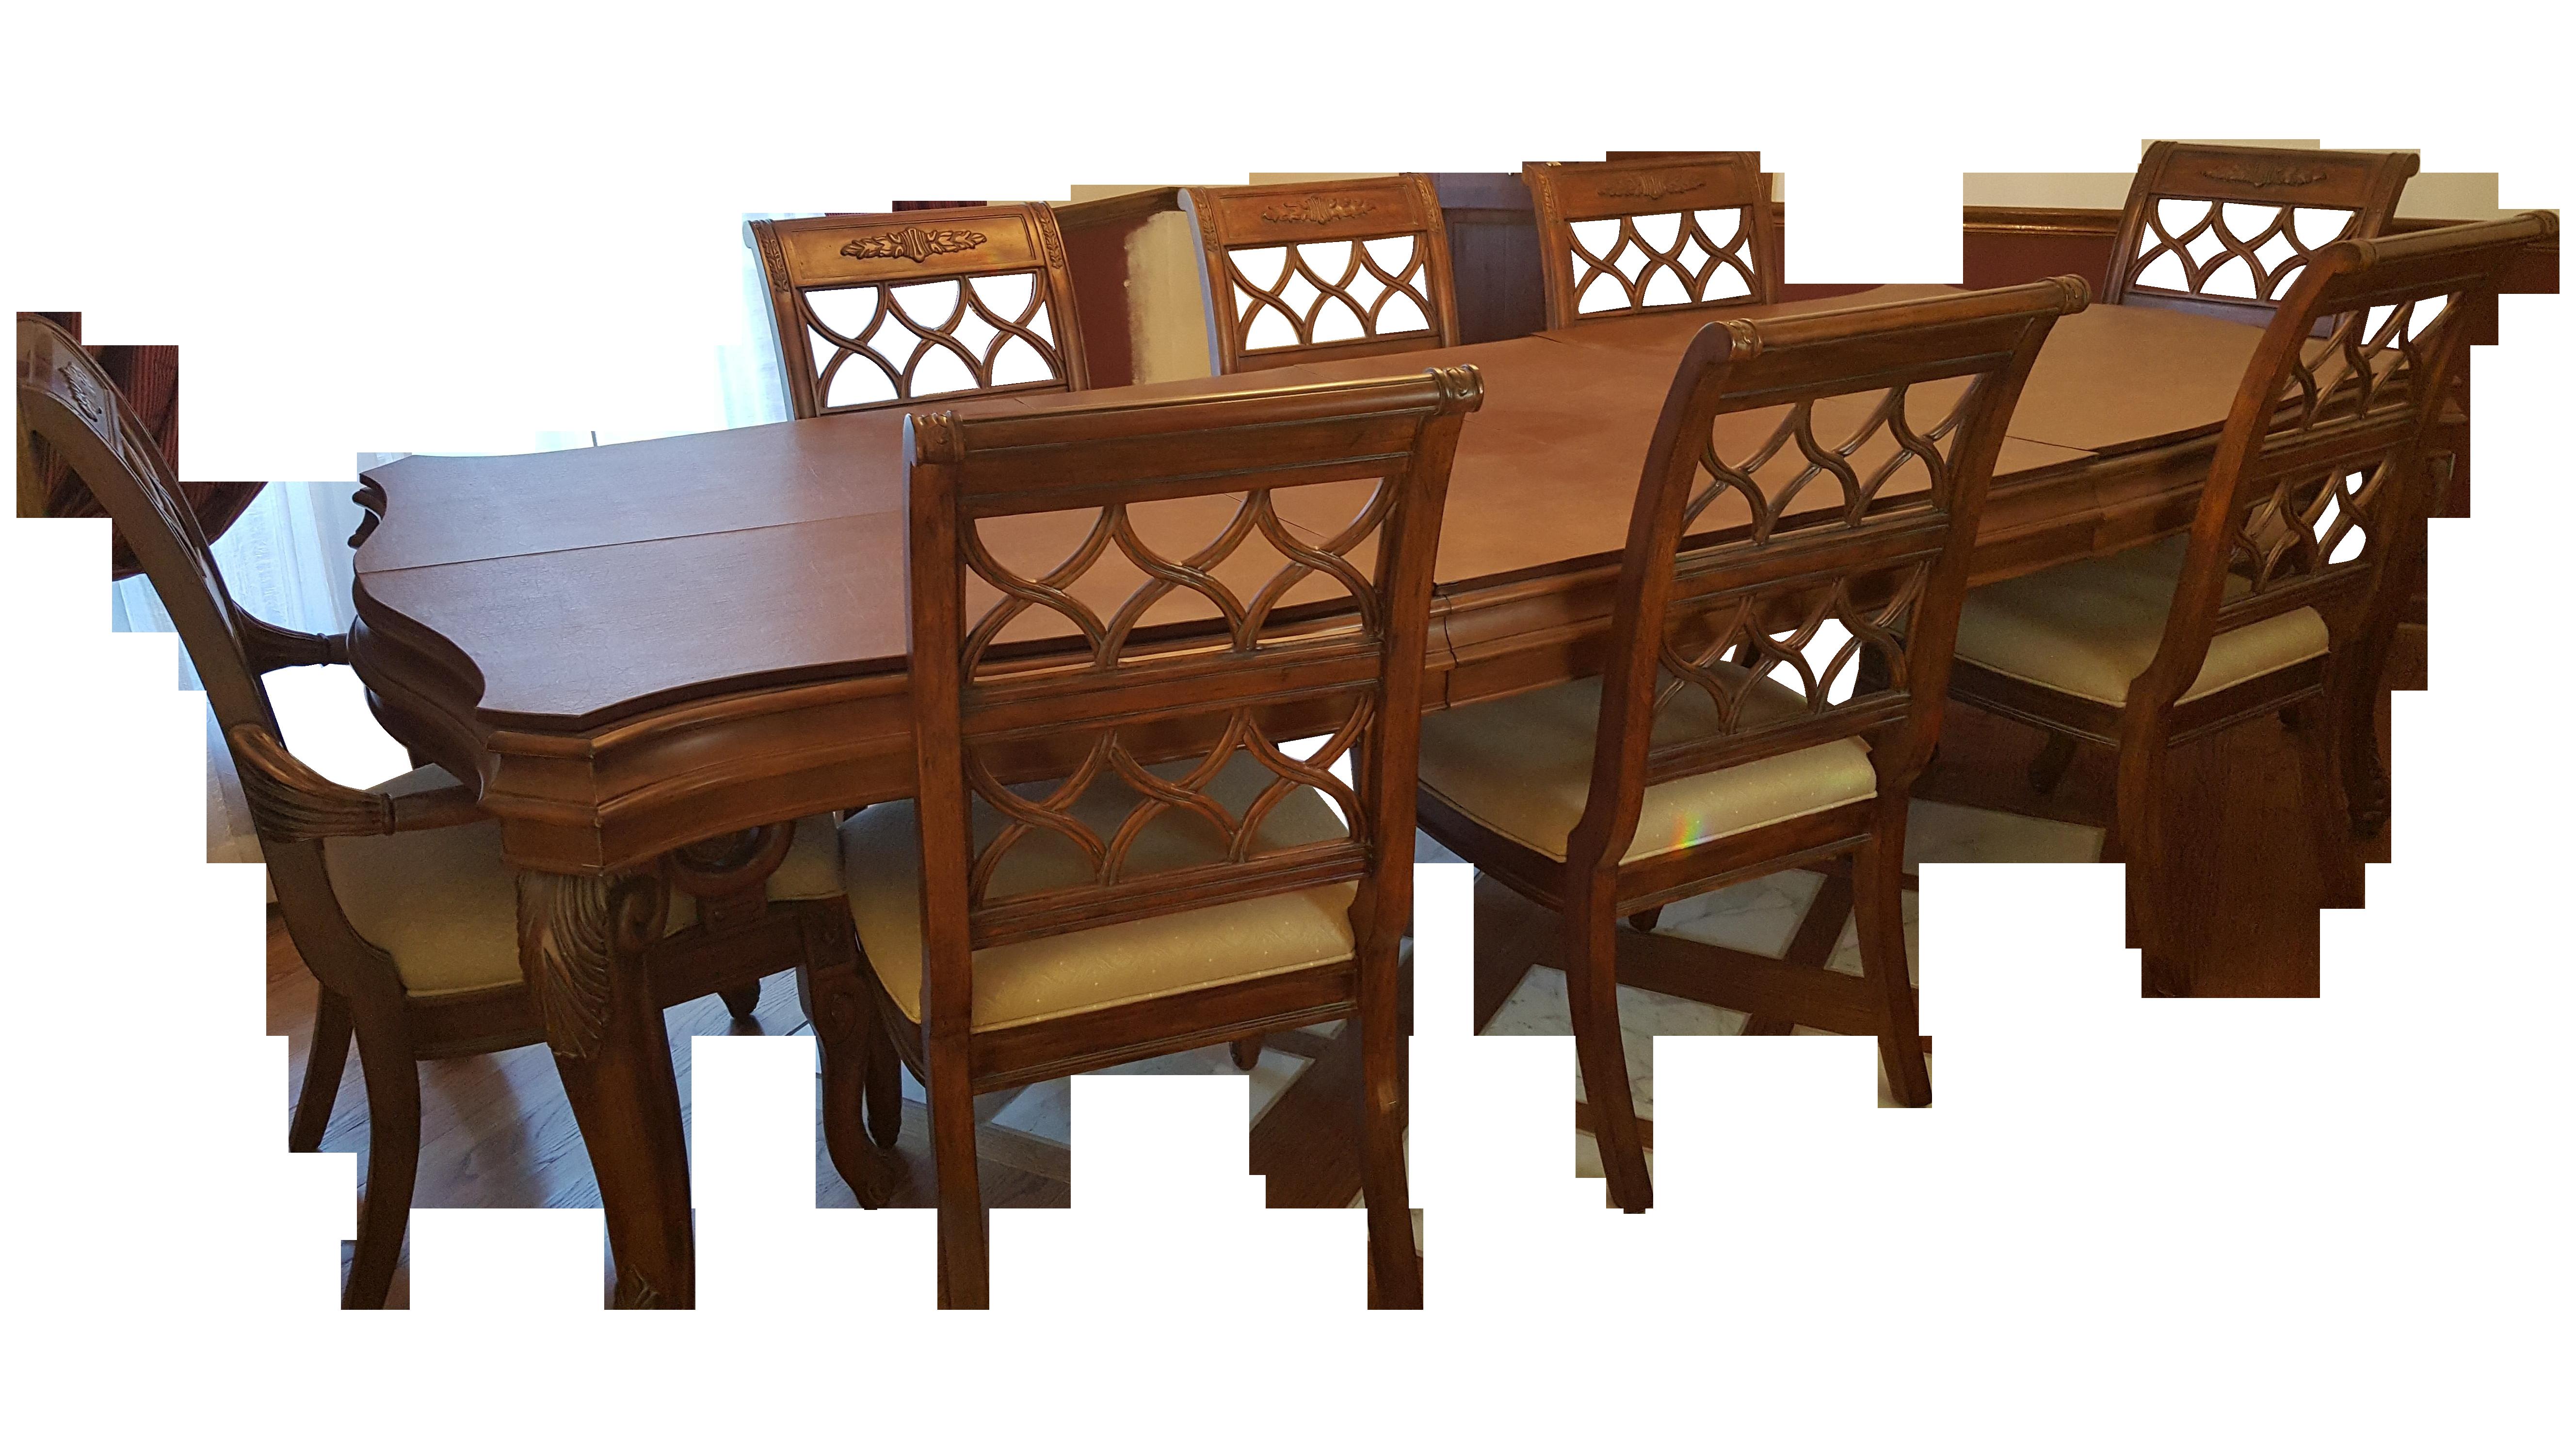 drexel heritage talavera dining set | chairish